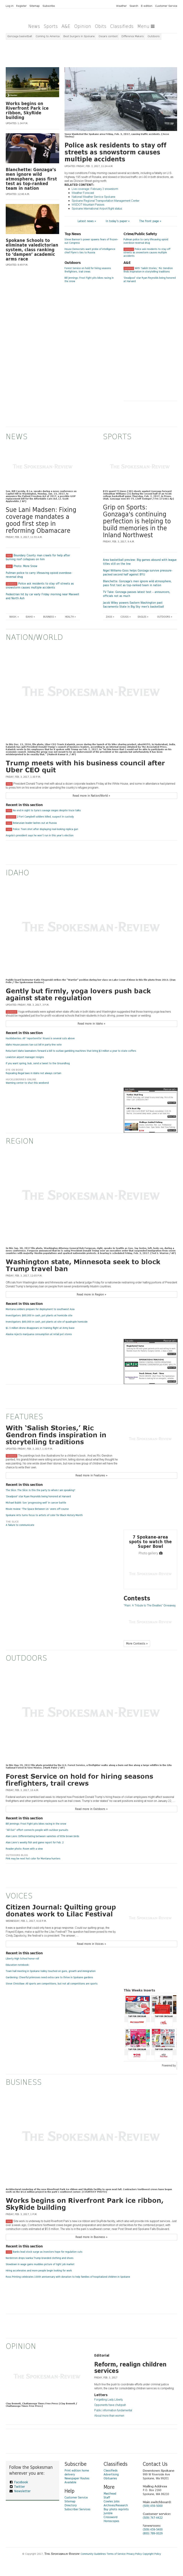 The (Spokane) Spokesman-Review at Friday Feb. 3, 2017, 11:18 p.m. UTC